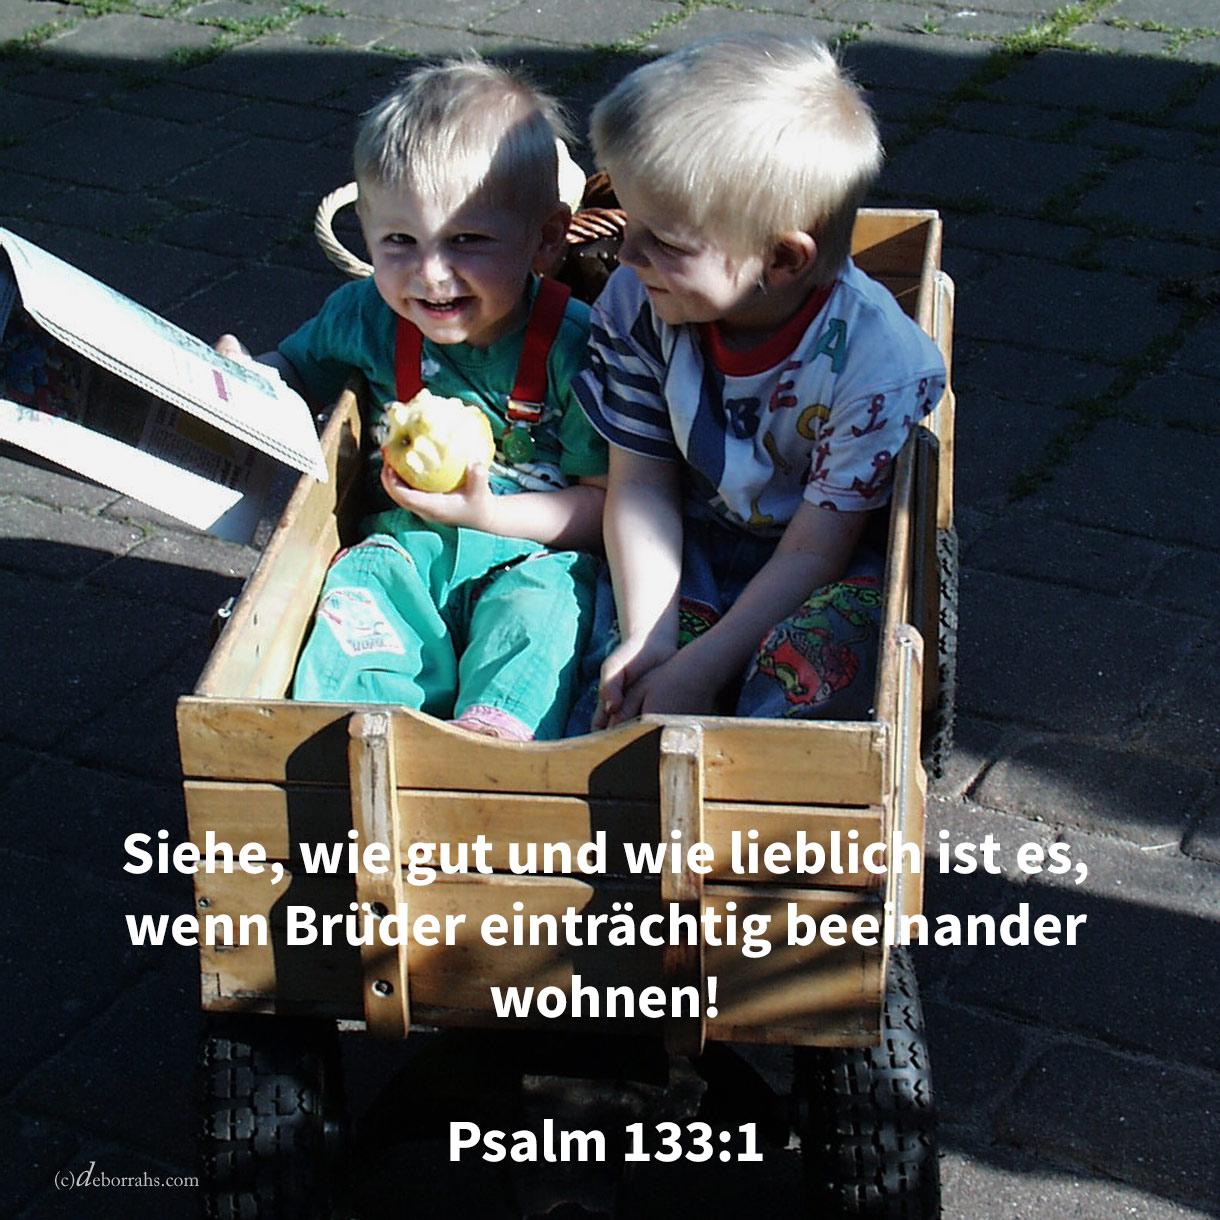 Siehe, wie gut und wie lieblich ist es, wenn Brüder einträchtig beeinander wohnen! ( Psalm 133,1 )